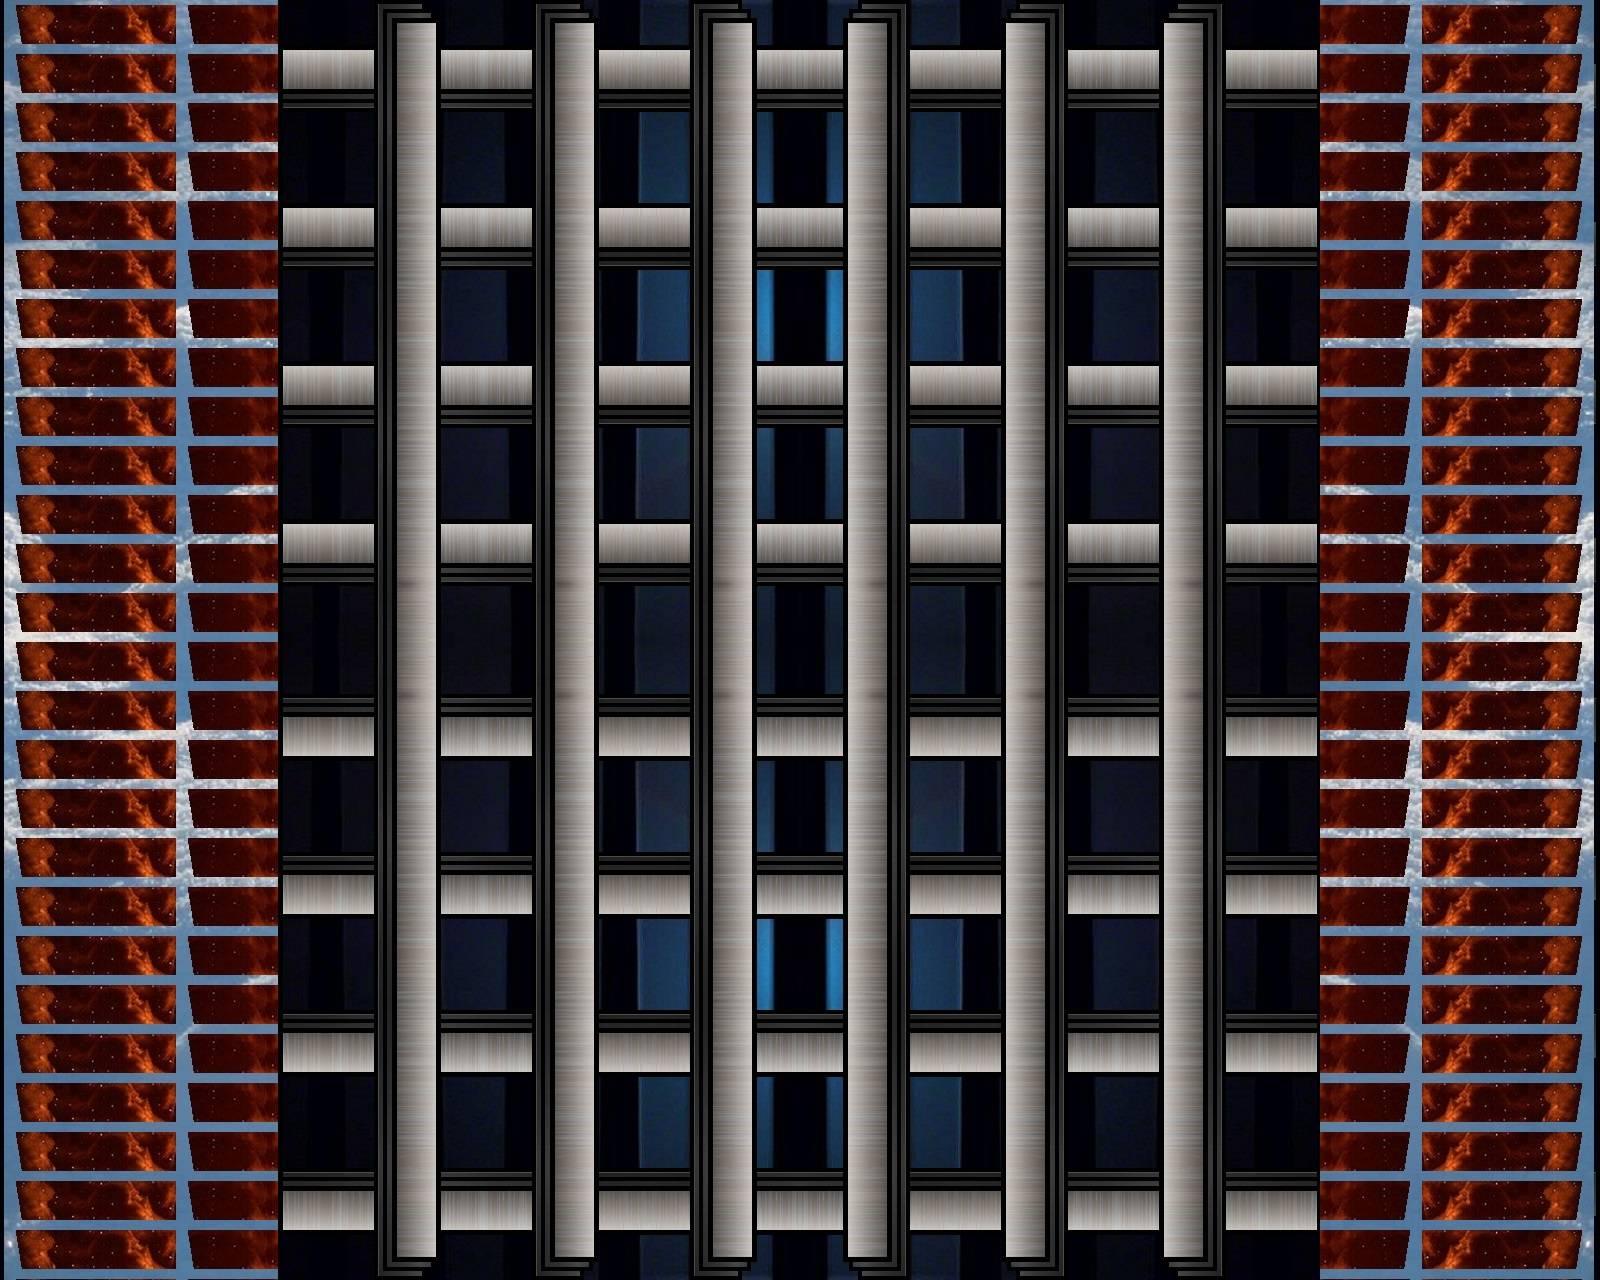 Dark Cage